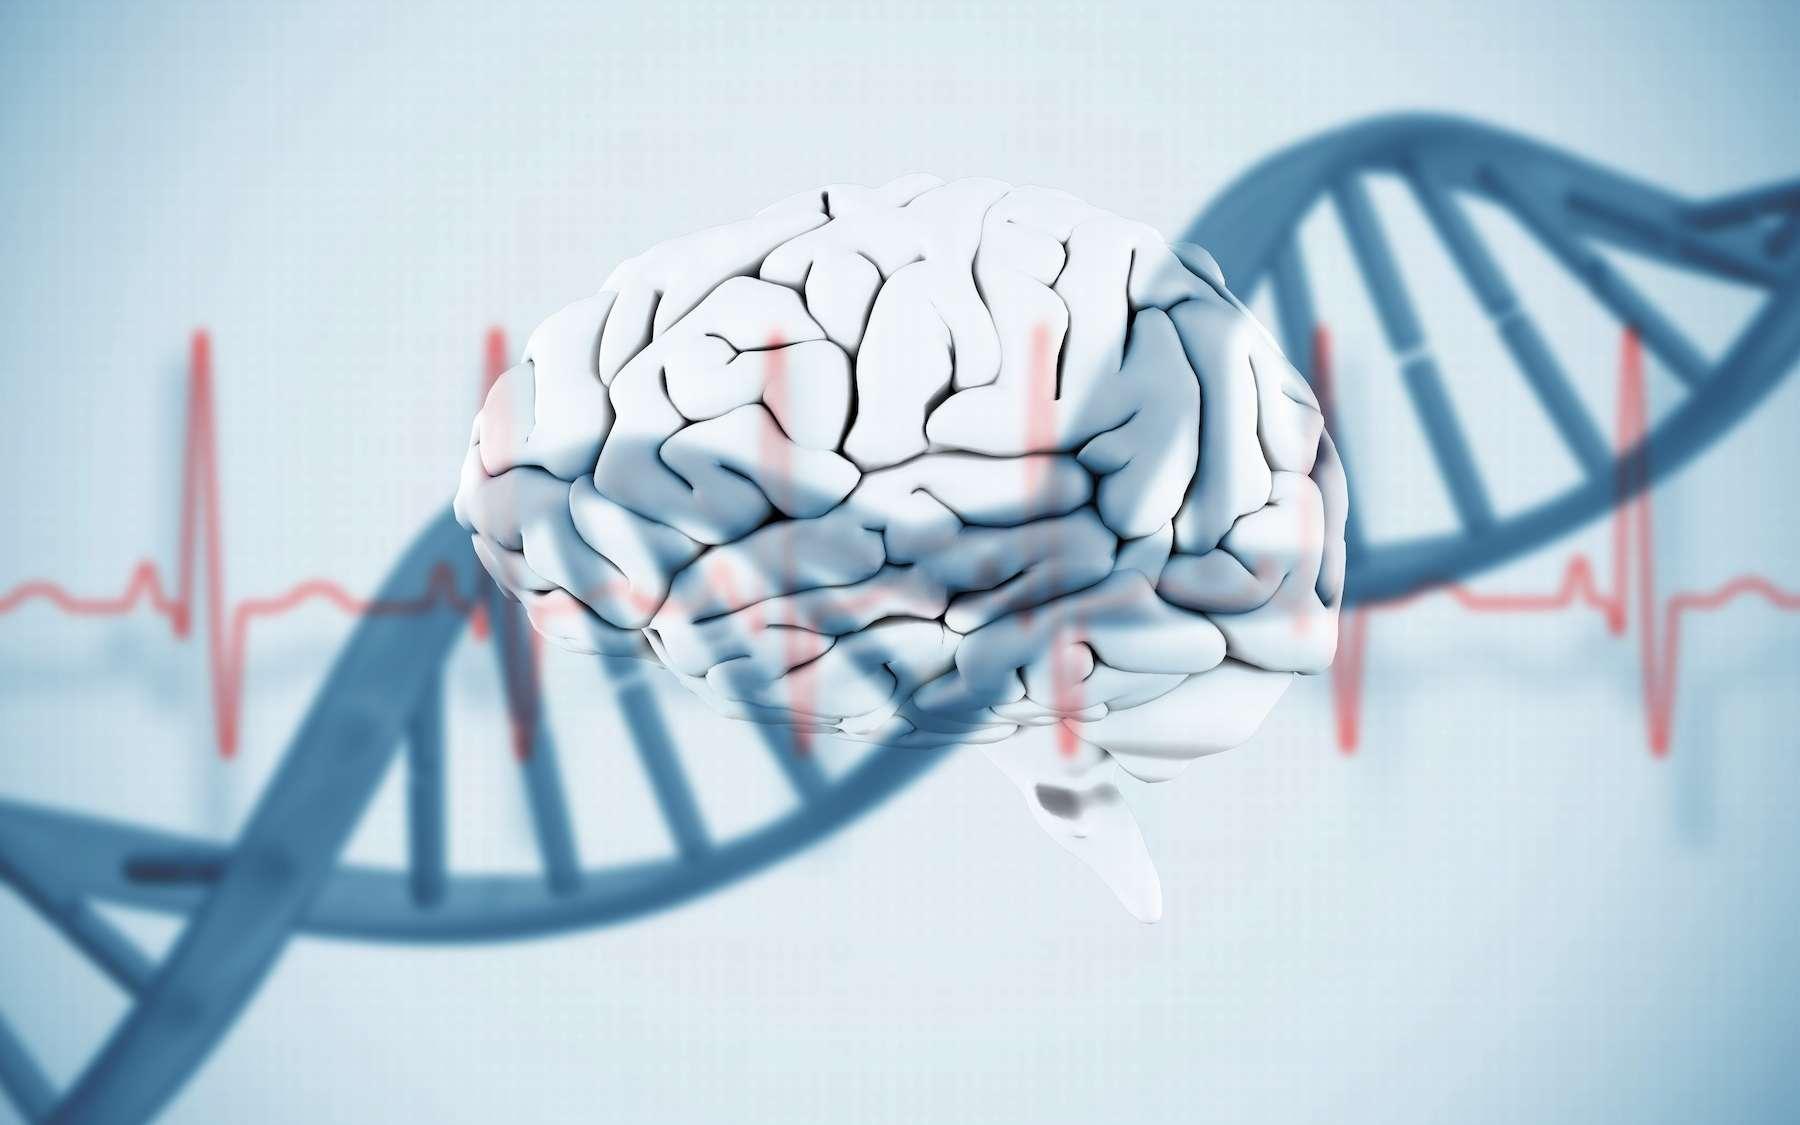 Le cerveau ne s'arrête pas immédiatement après la mort. © WavebreakMediaMicro, Adobe Stock